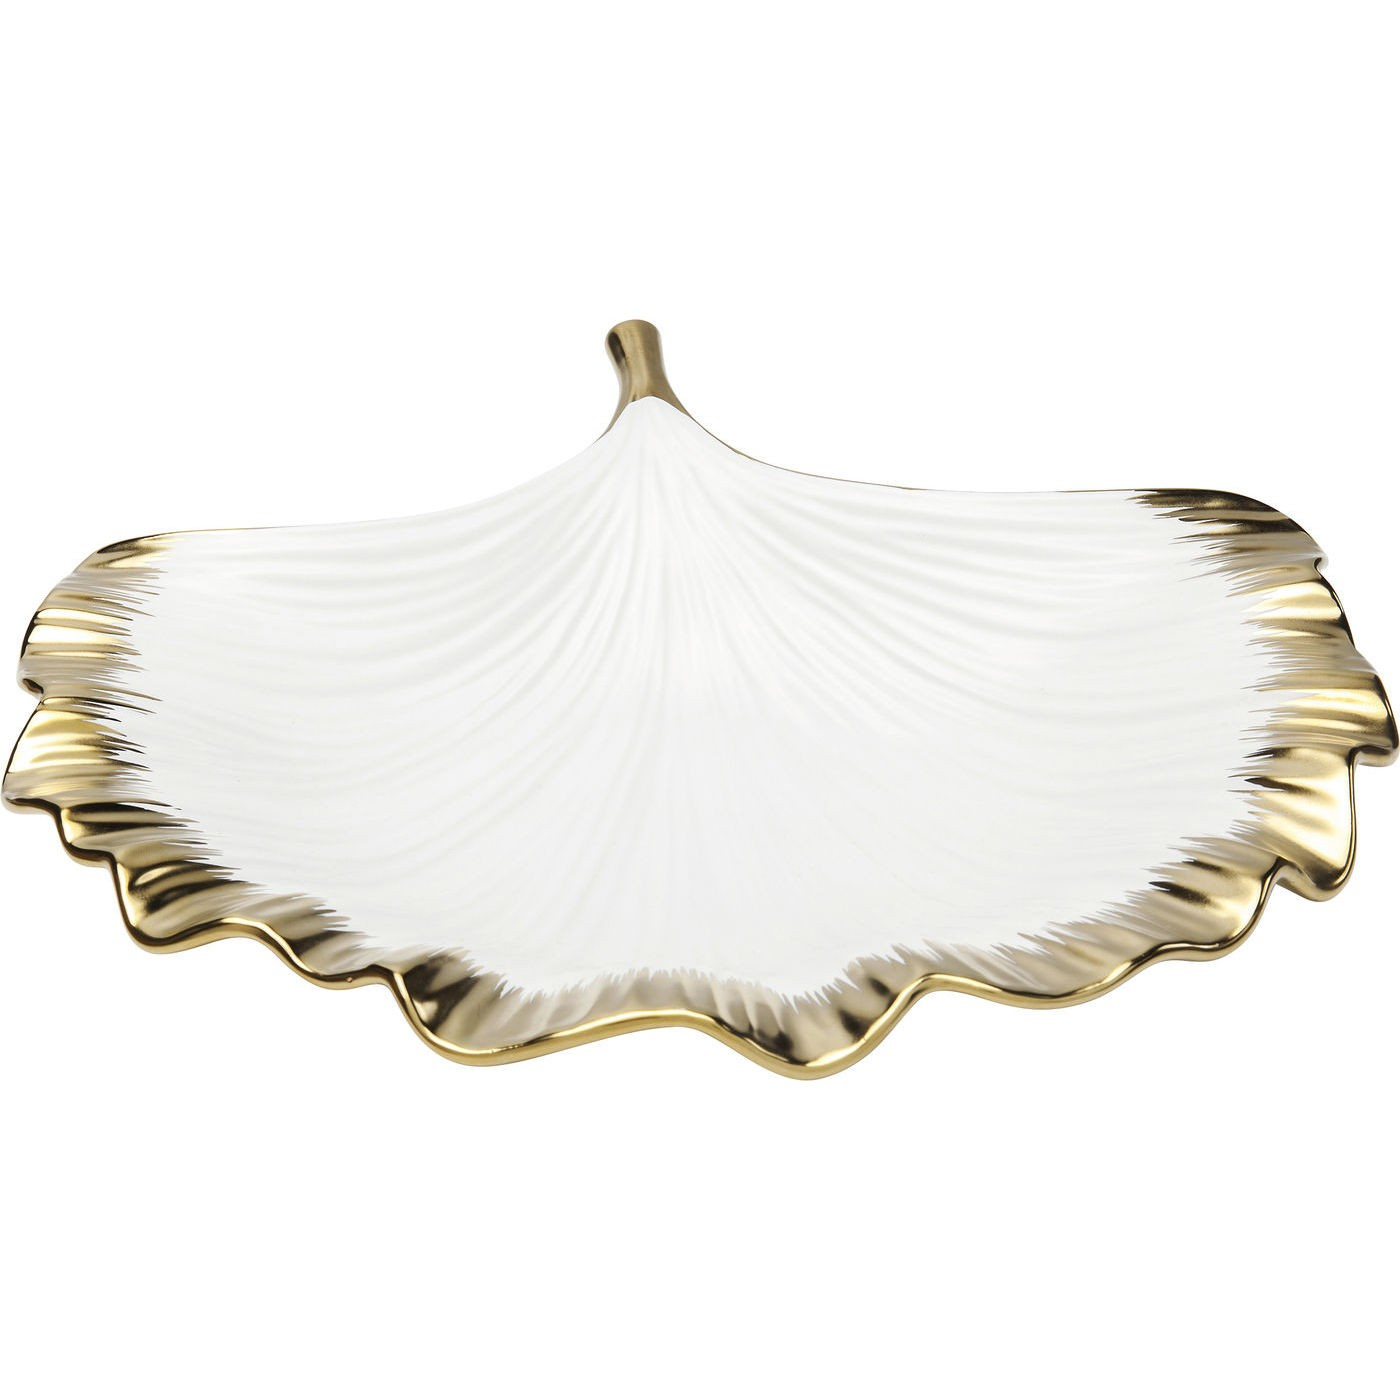 Coupe feuille de ginkgo en porcelaine blanche et dorée